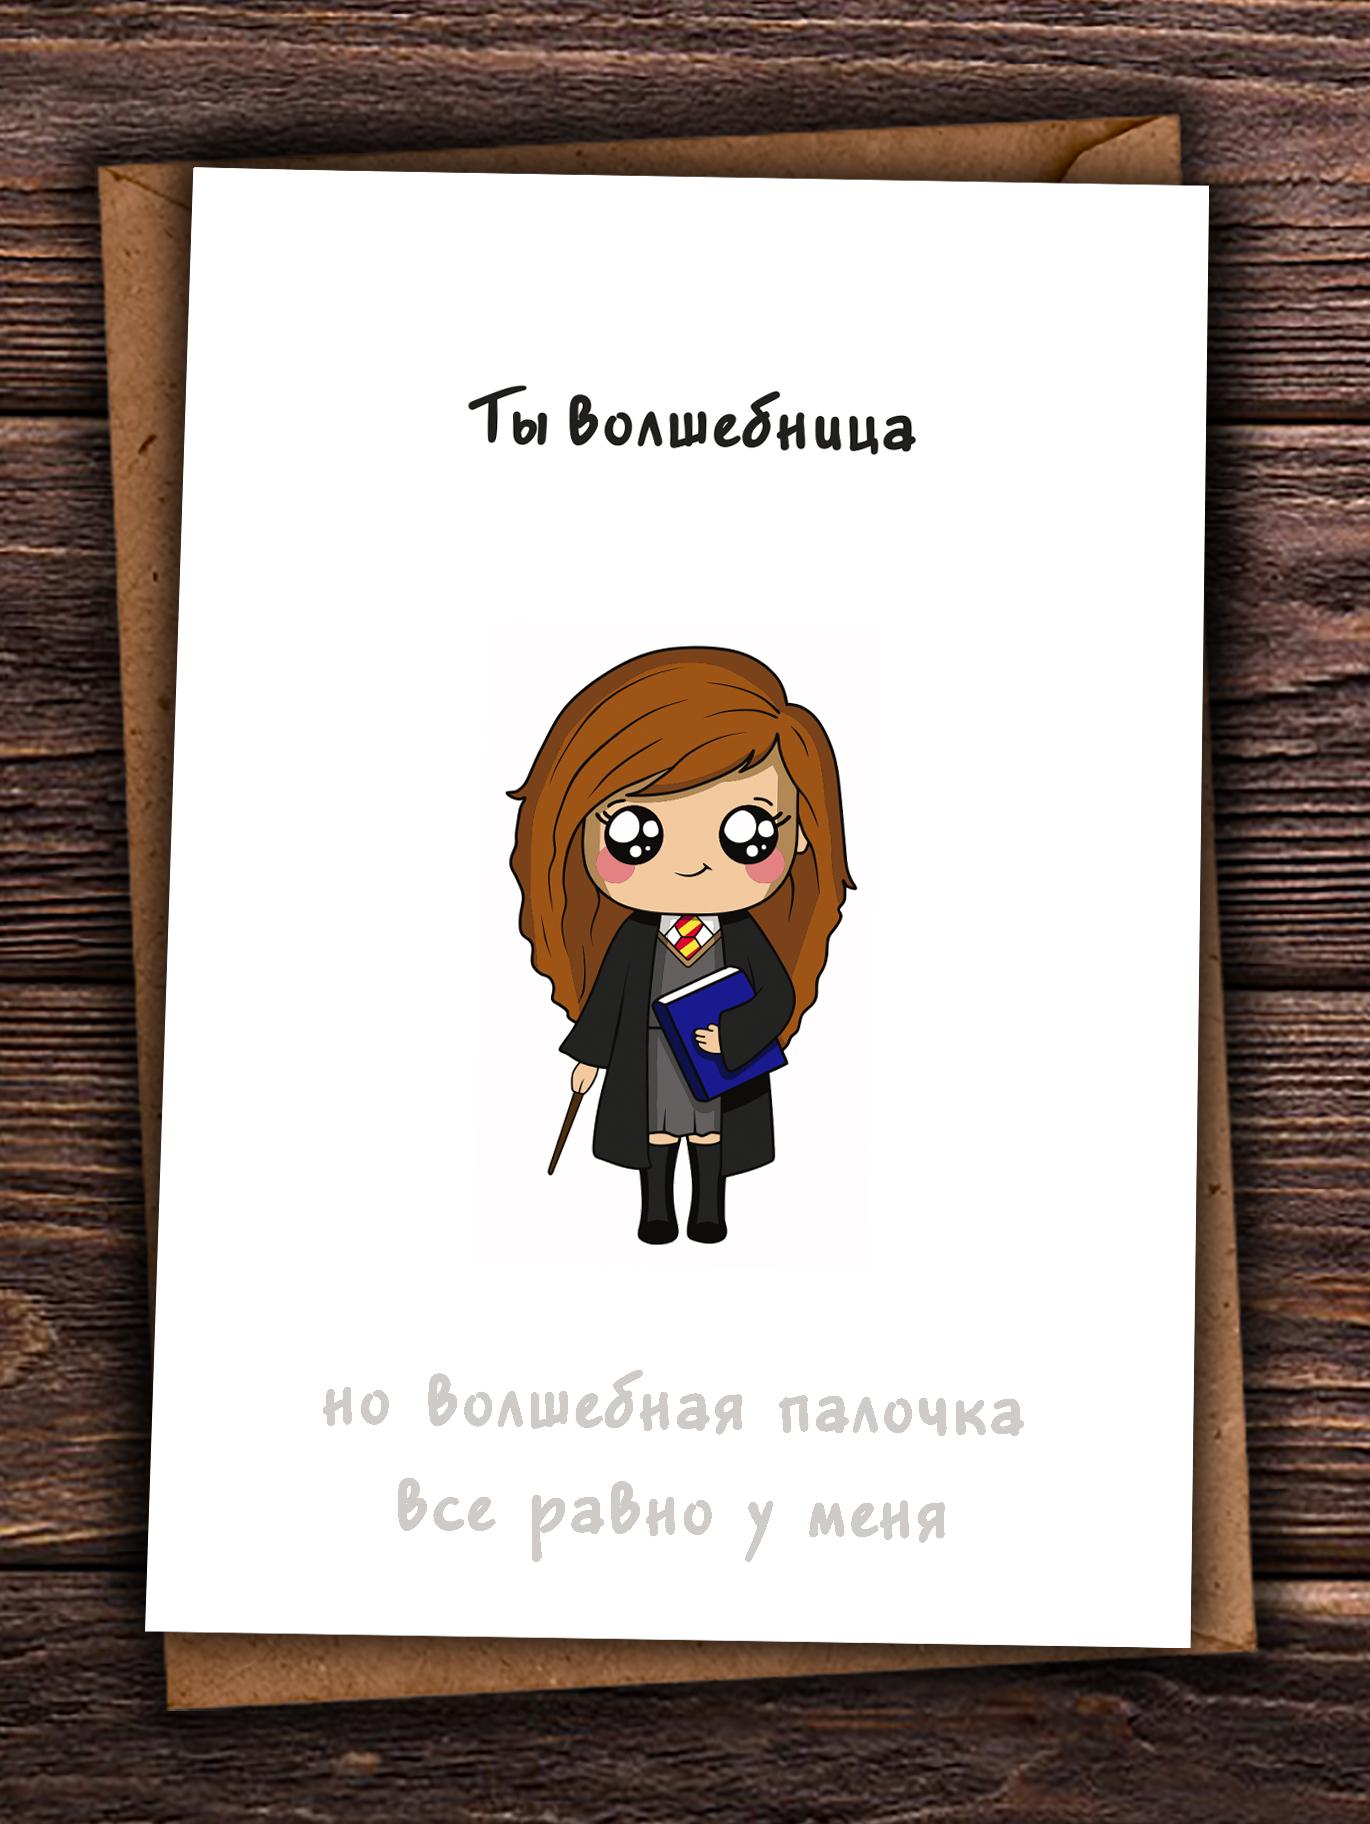 Купить открытку в Минске